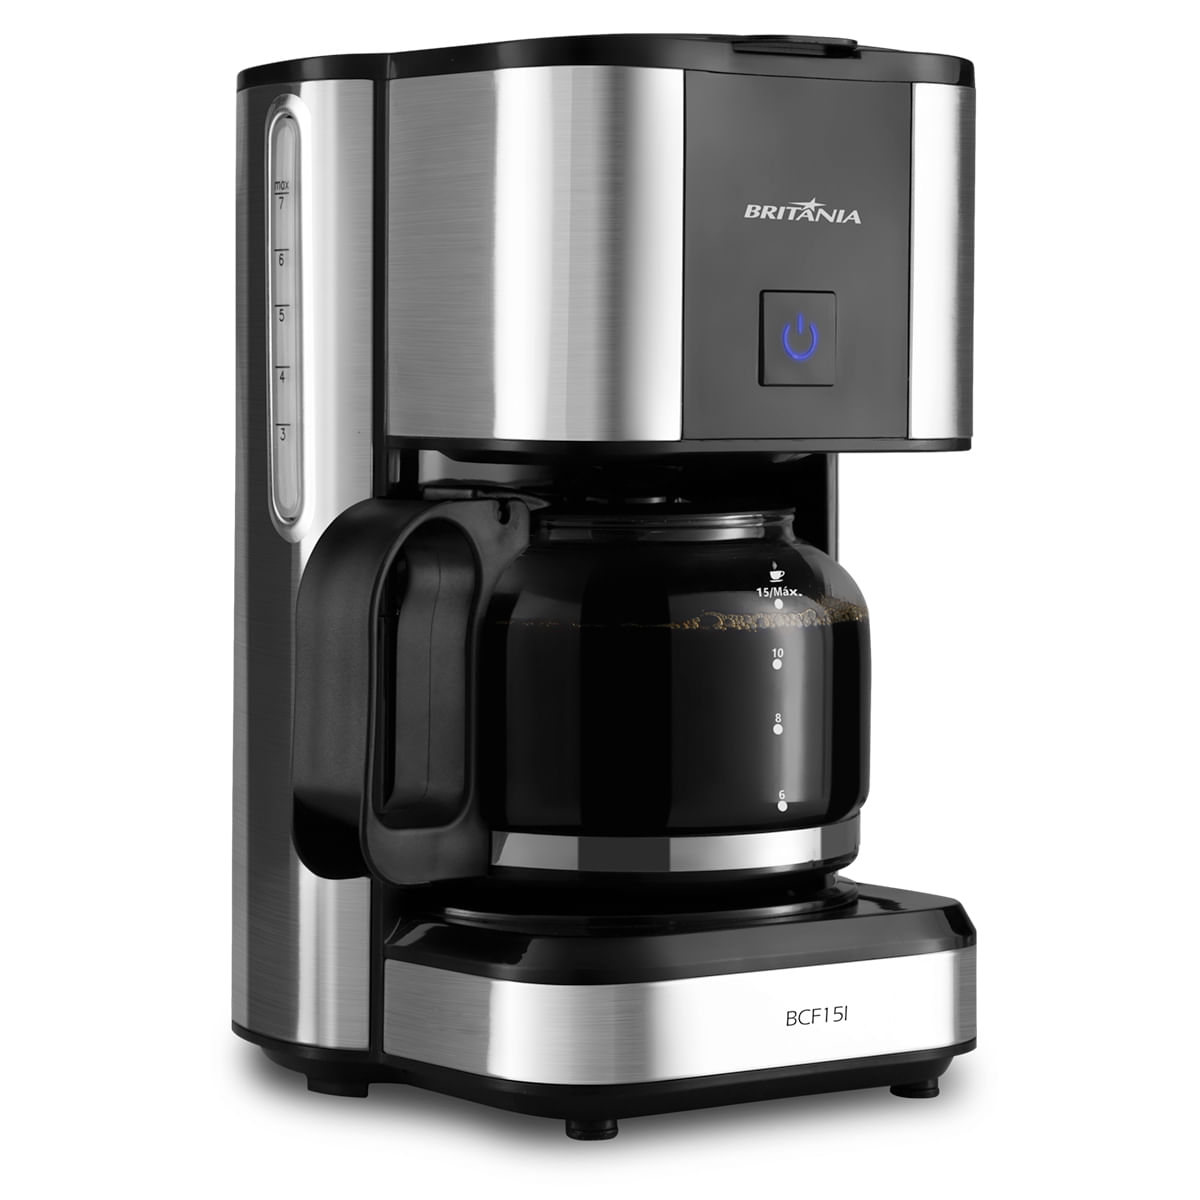 Cafeteira Elétrica Britania Inox Preto 220v - Bcf15l